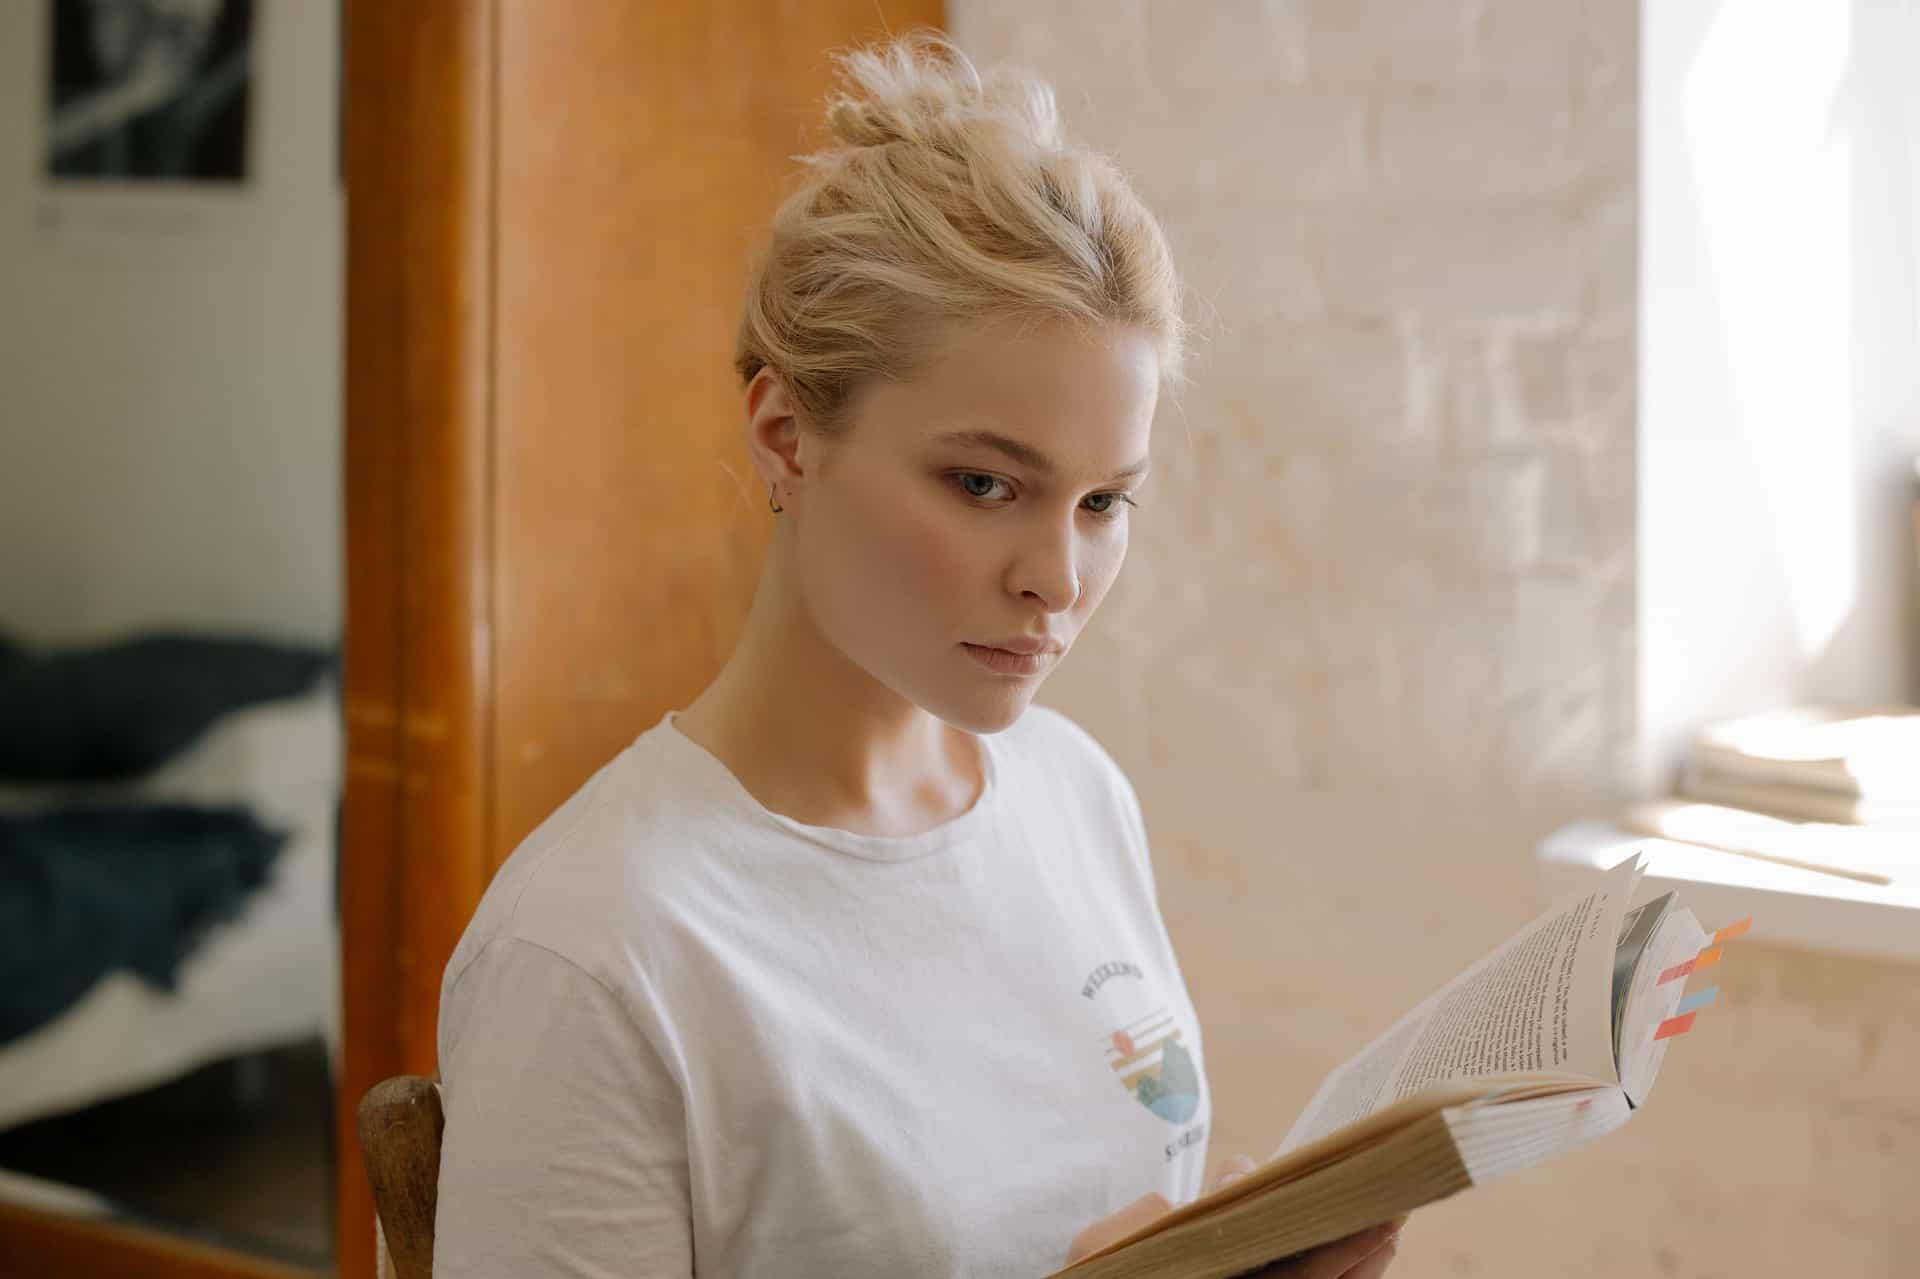 ernsthafte Frau, die ein Buch hält und zur Seite schaut